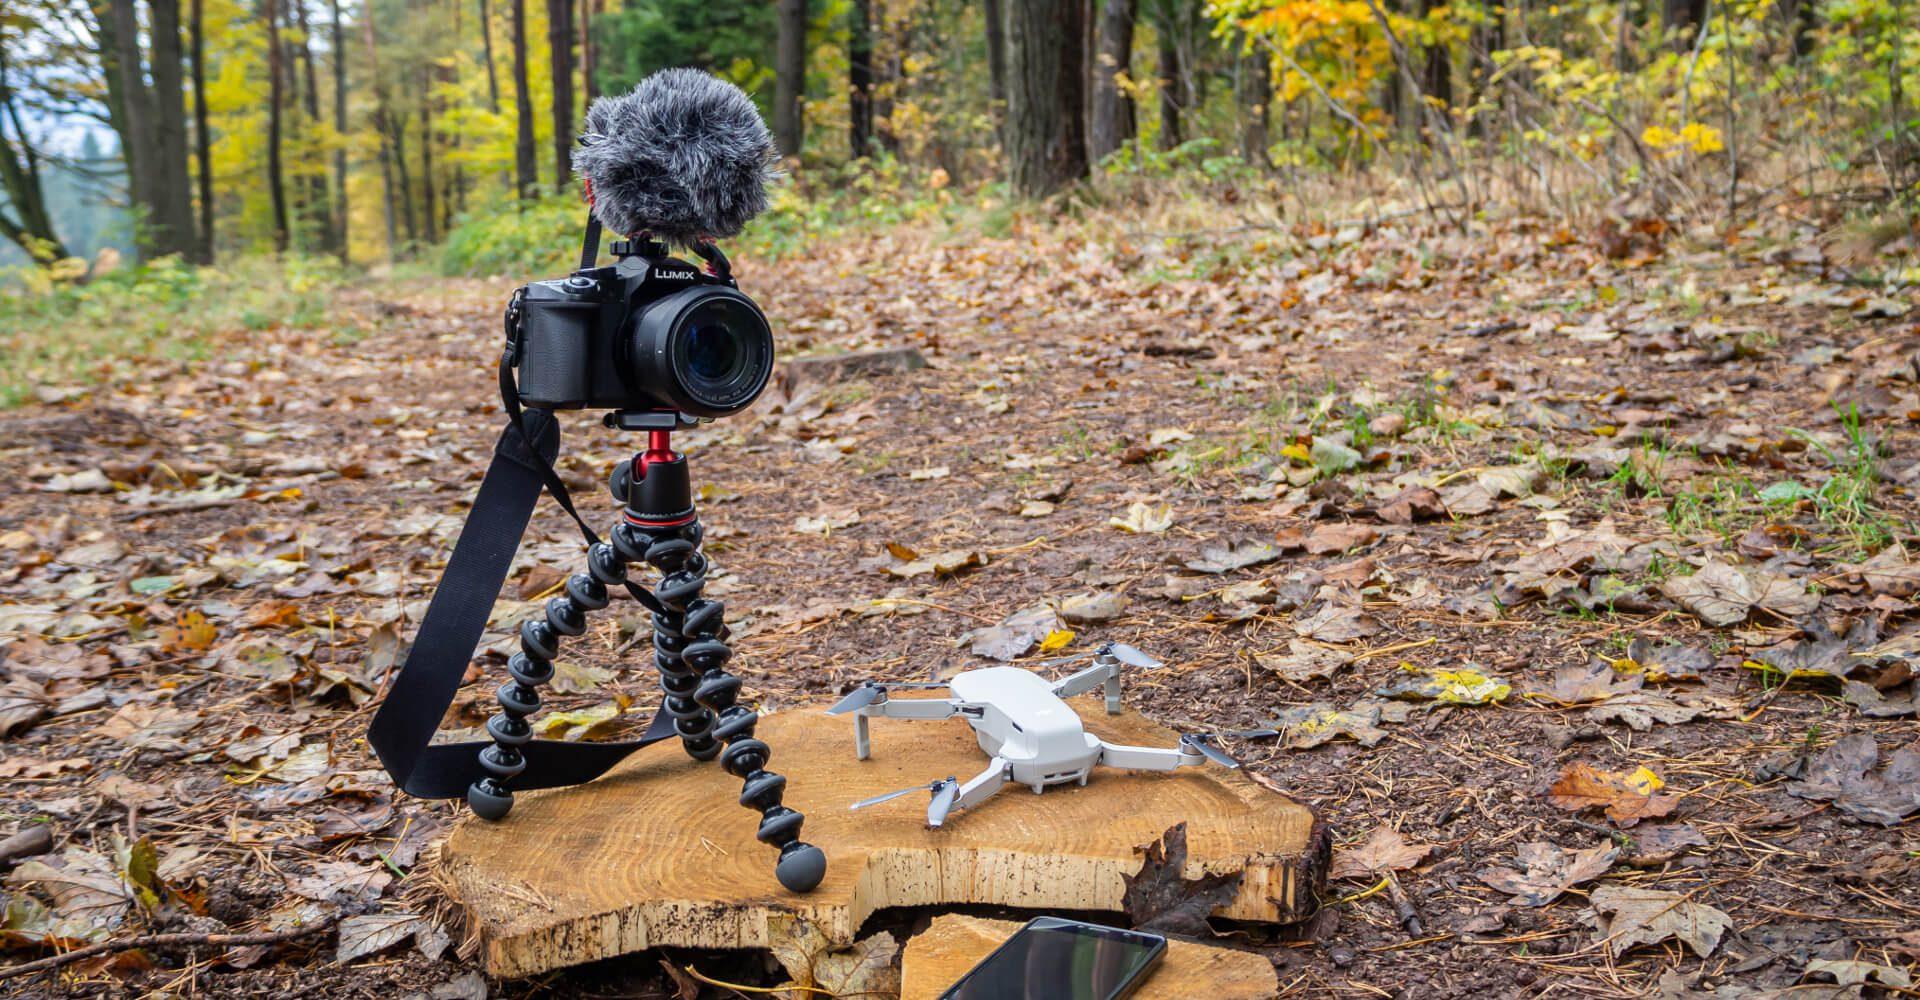 Sprzęt fotograficzny i elektronika w podróży. Co zabieram ze sobą?